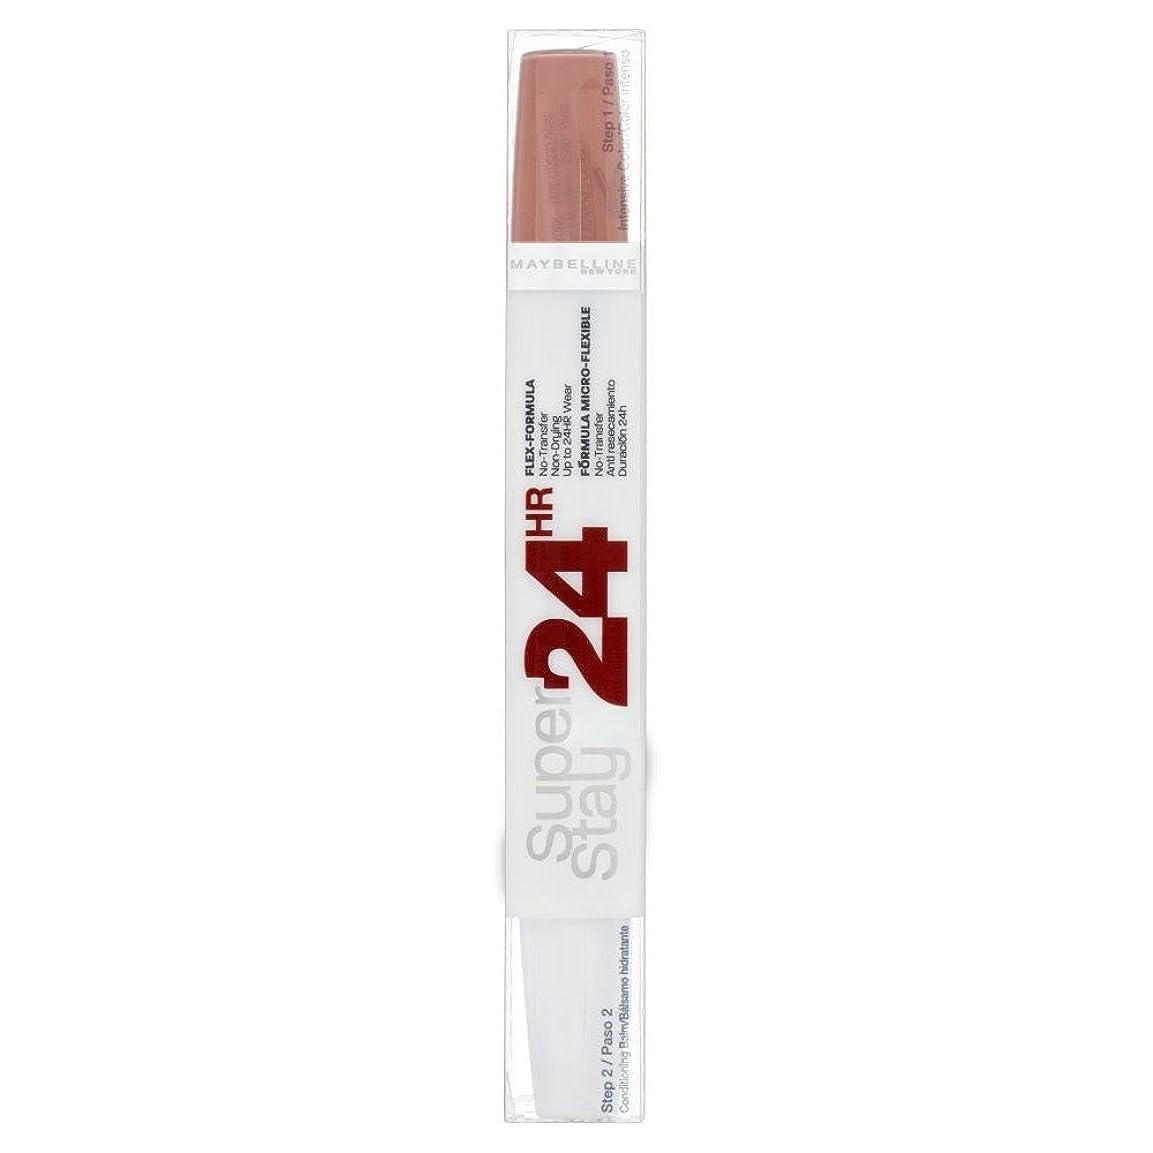 差し控える彫刻家気付くMaybelline Superstay 24 Hour Lipcolour - 611 Creme Caramel メイベリンsuperstay 24時間lipcolour - 611クリームキャラメル [並行輸入品]